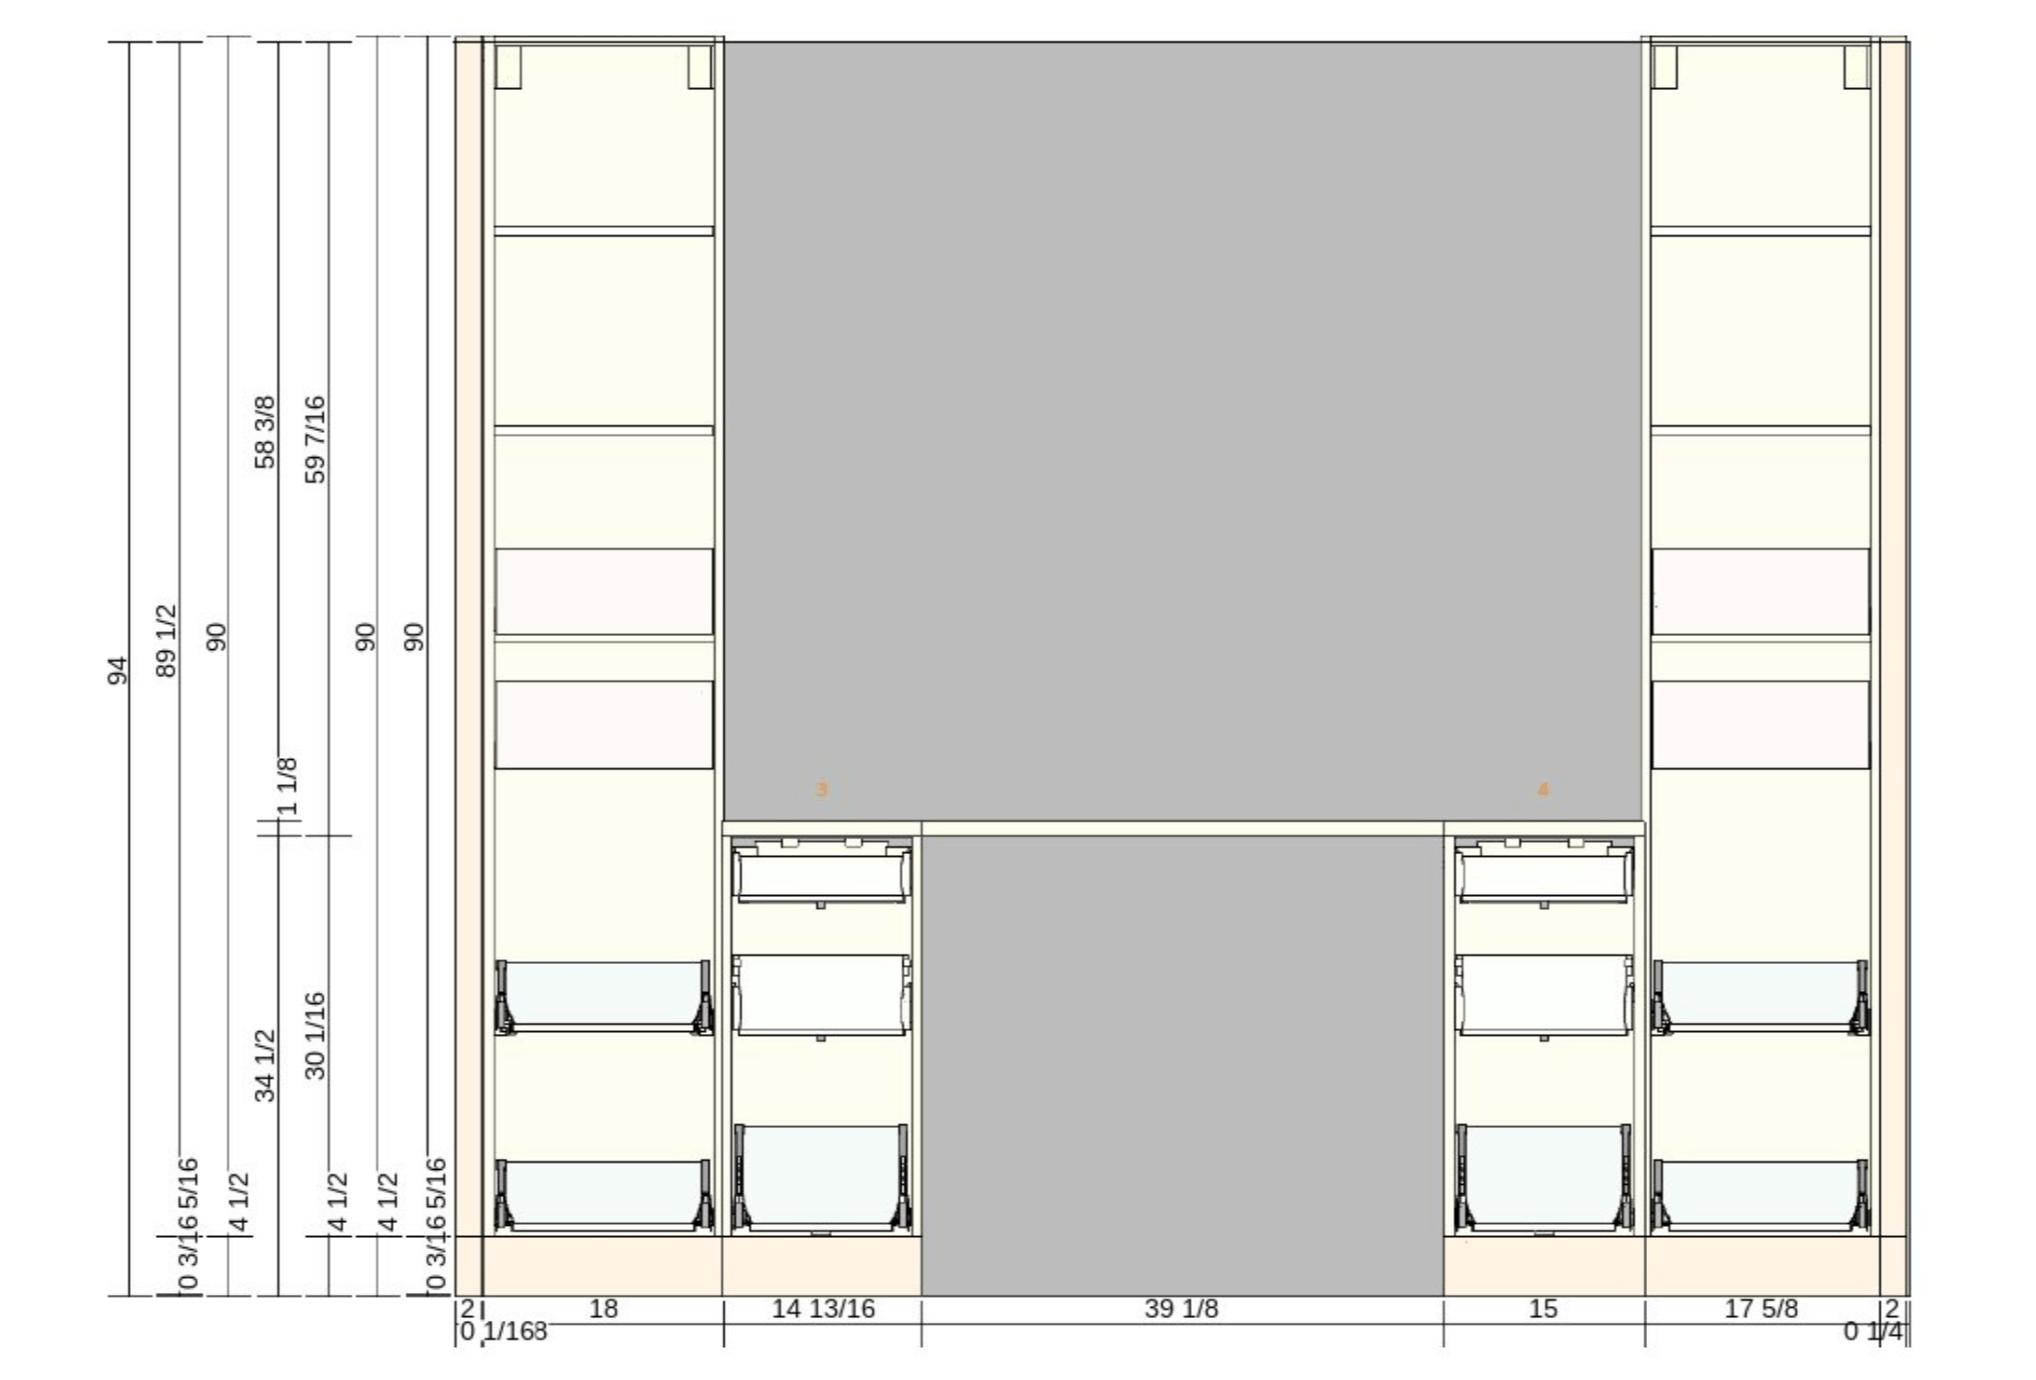 ikea sektion cabinet desk design mockup interior drawers